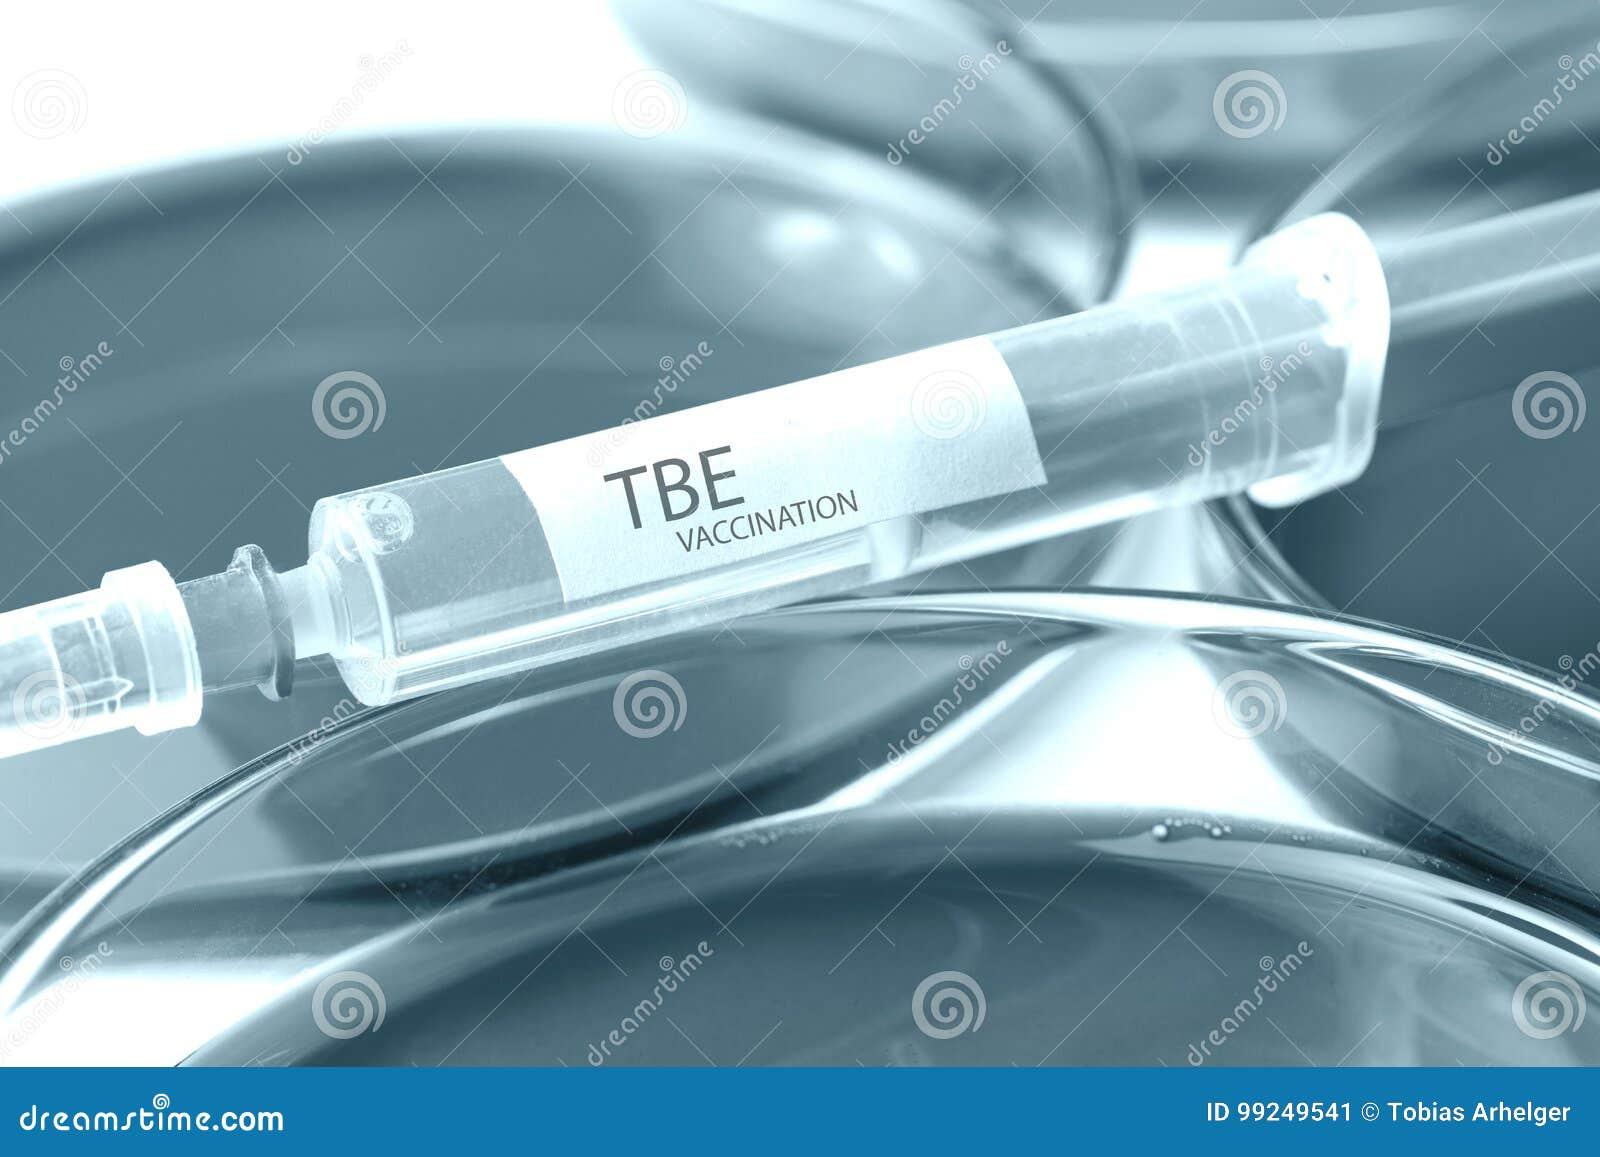 小儿麻痹症接种